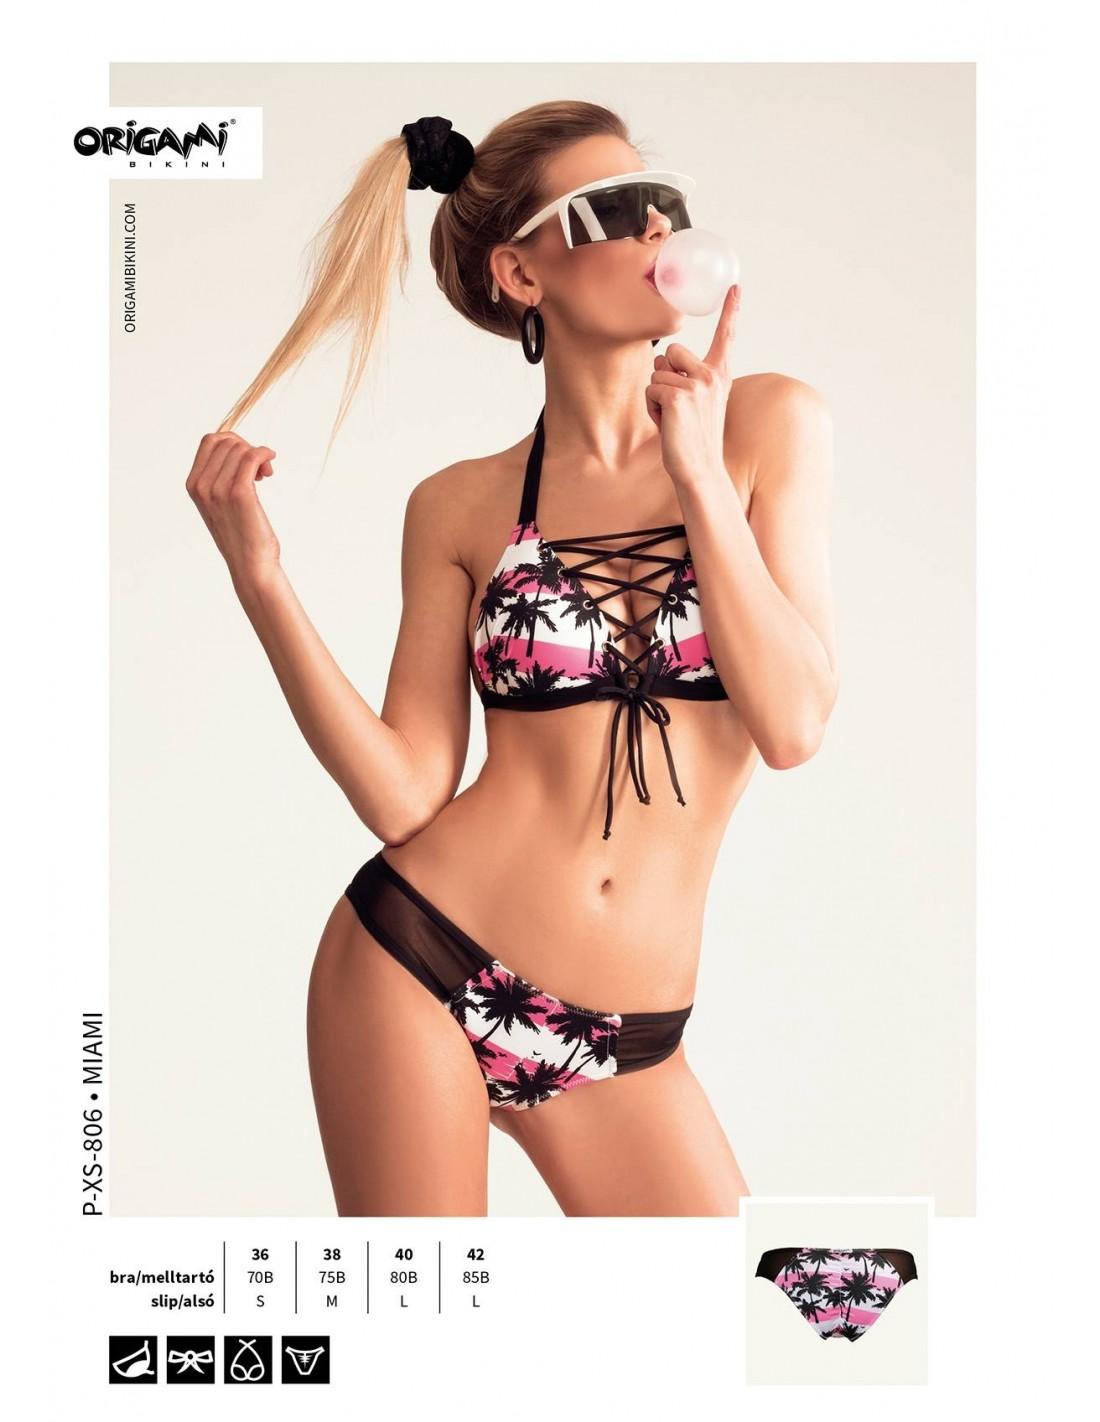 Origami Bikini Miami P-XS-806 cae2a7e13e